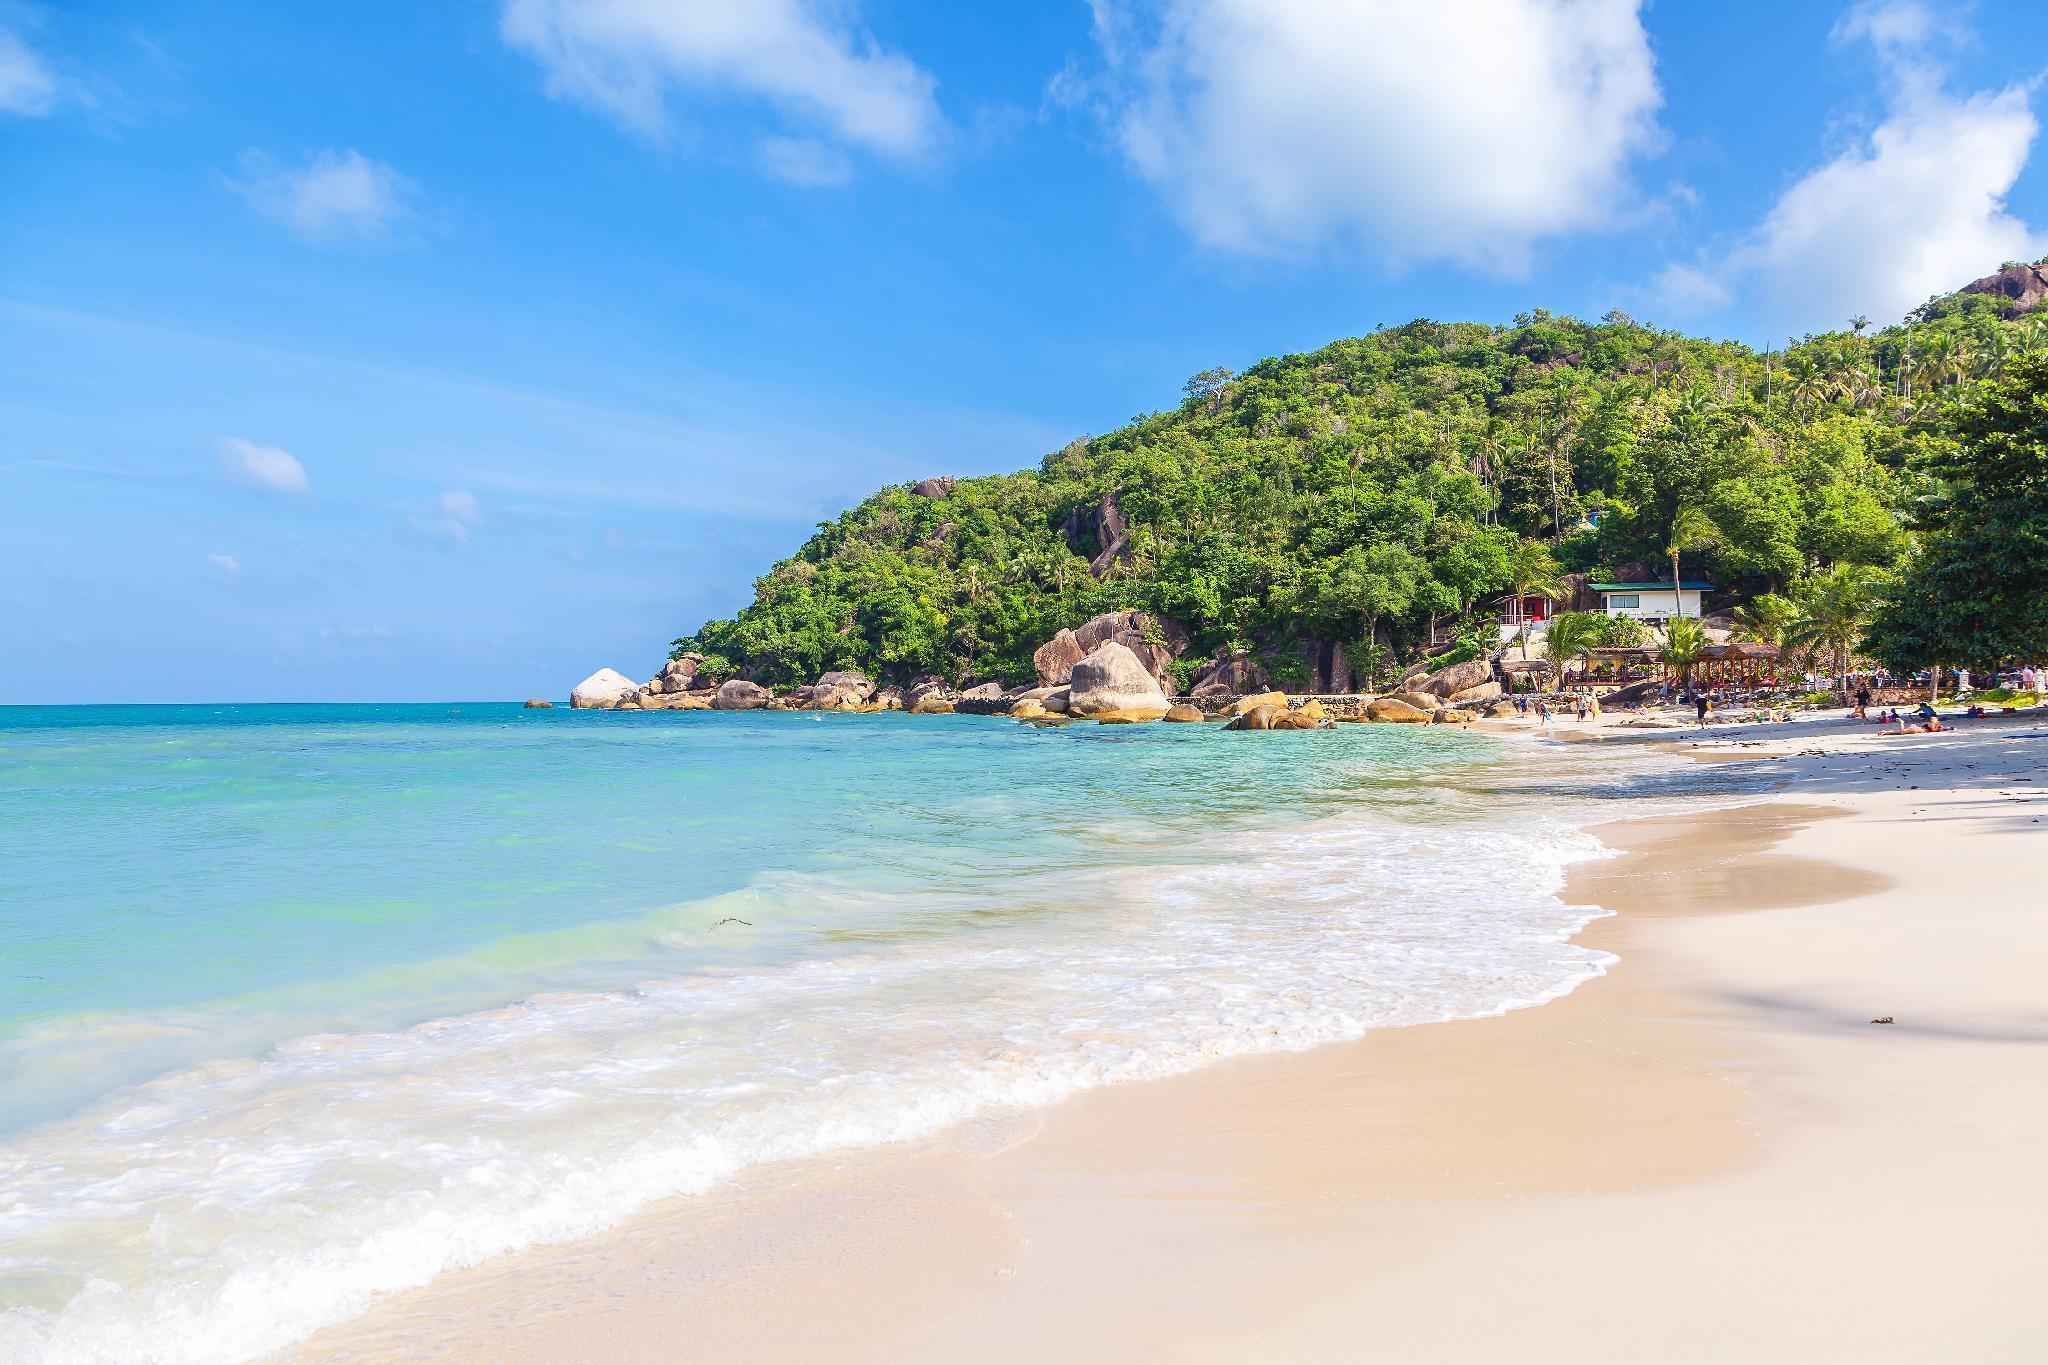 Thongtakian Resort ท้องตะเคียน รีสอร์ท